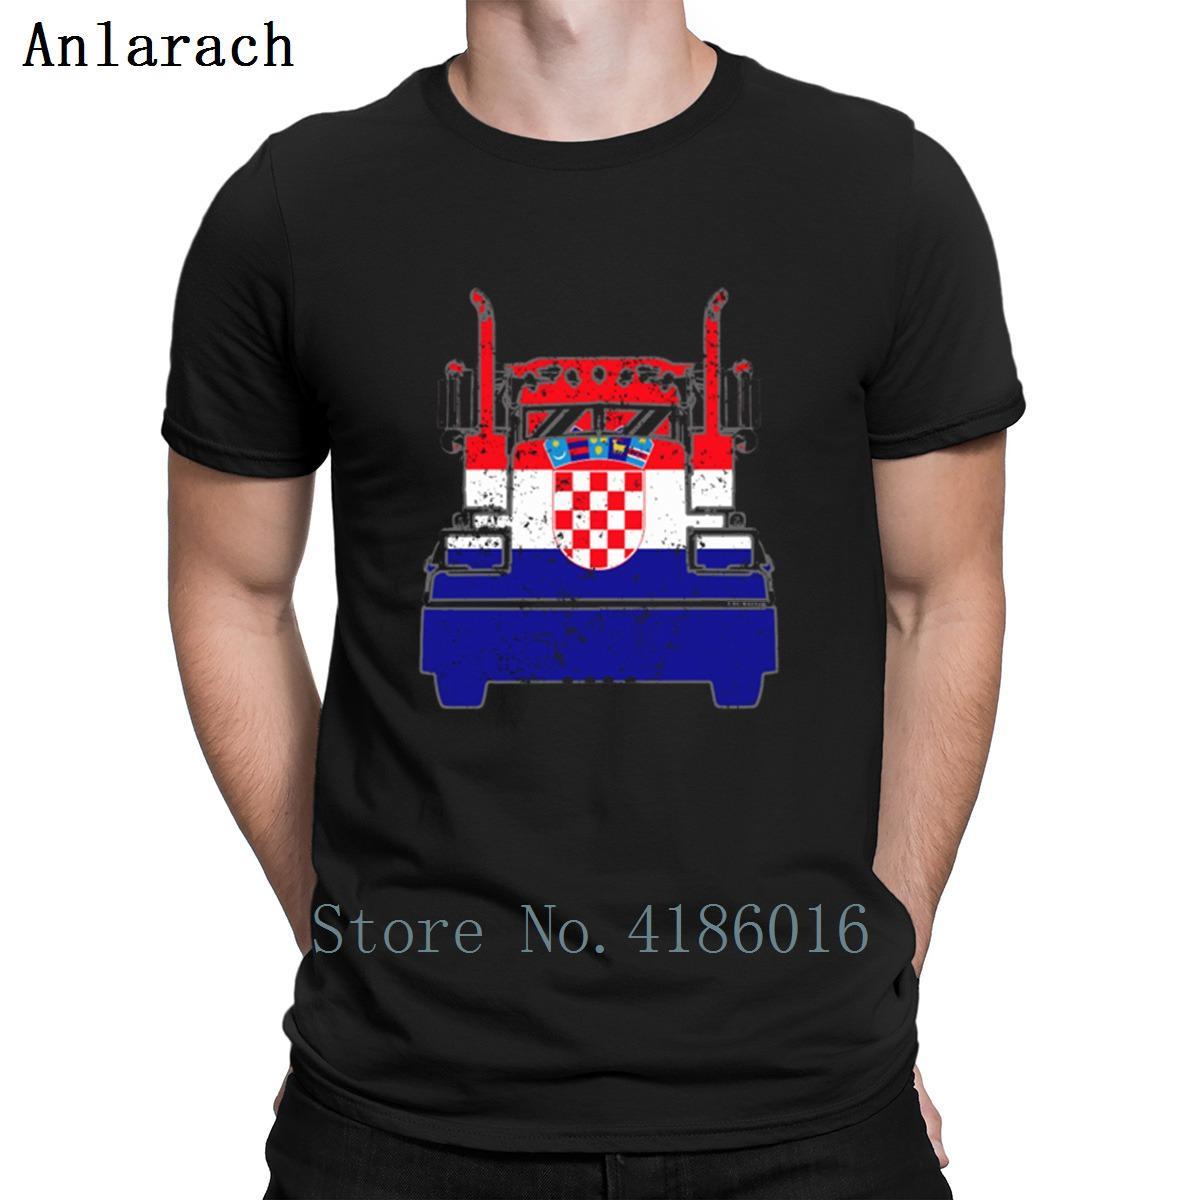 Croatian Trucker Kroatien-Flagge Long Haul Trucker T-Shirt Trend Short Sleeve T-Shirt für Männer 2018 Designer Pop Top Tee Sonnenlicht